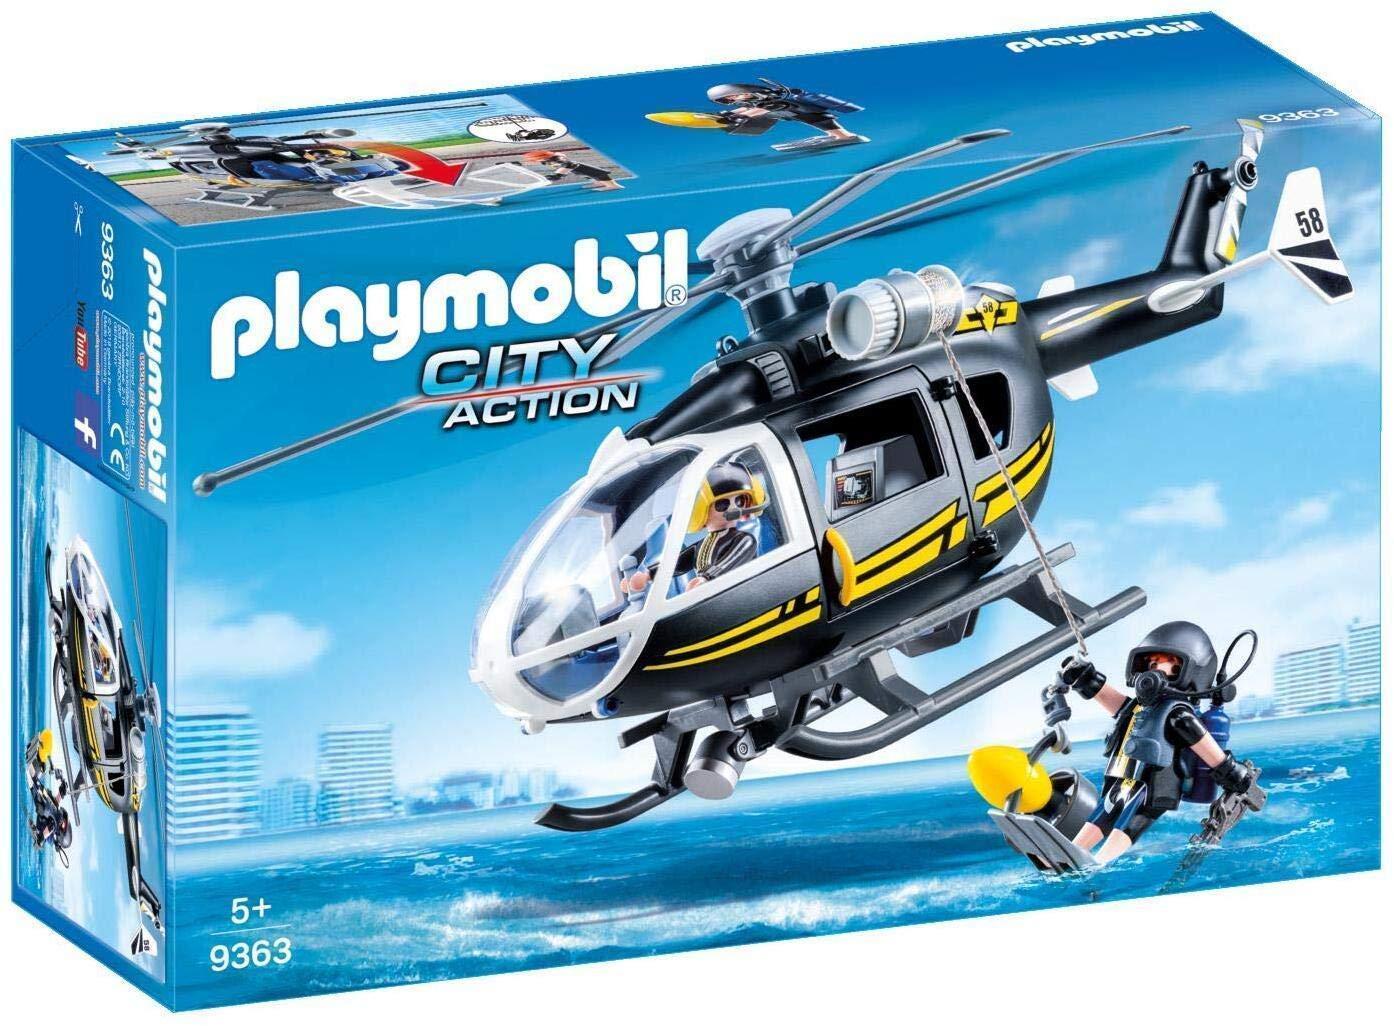 troc de troc recherche playmobil city action image 2